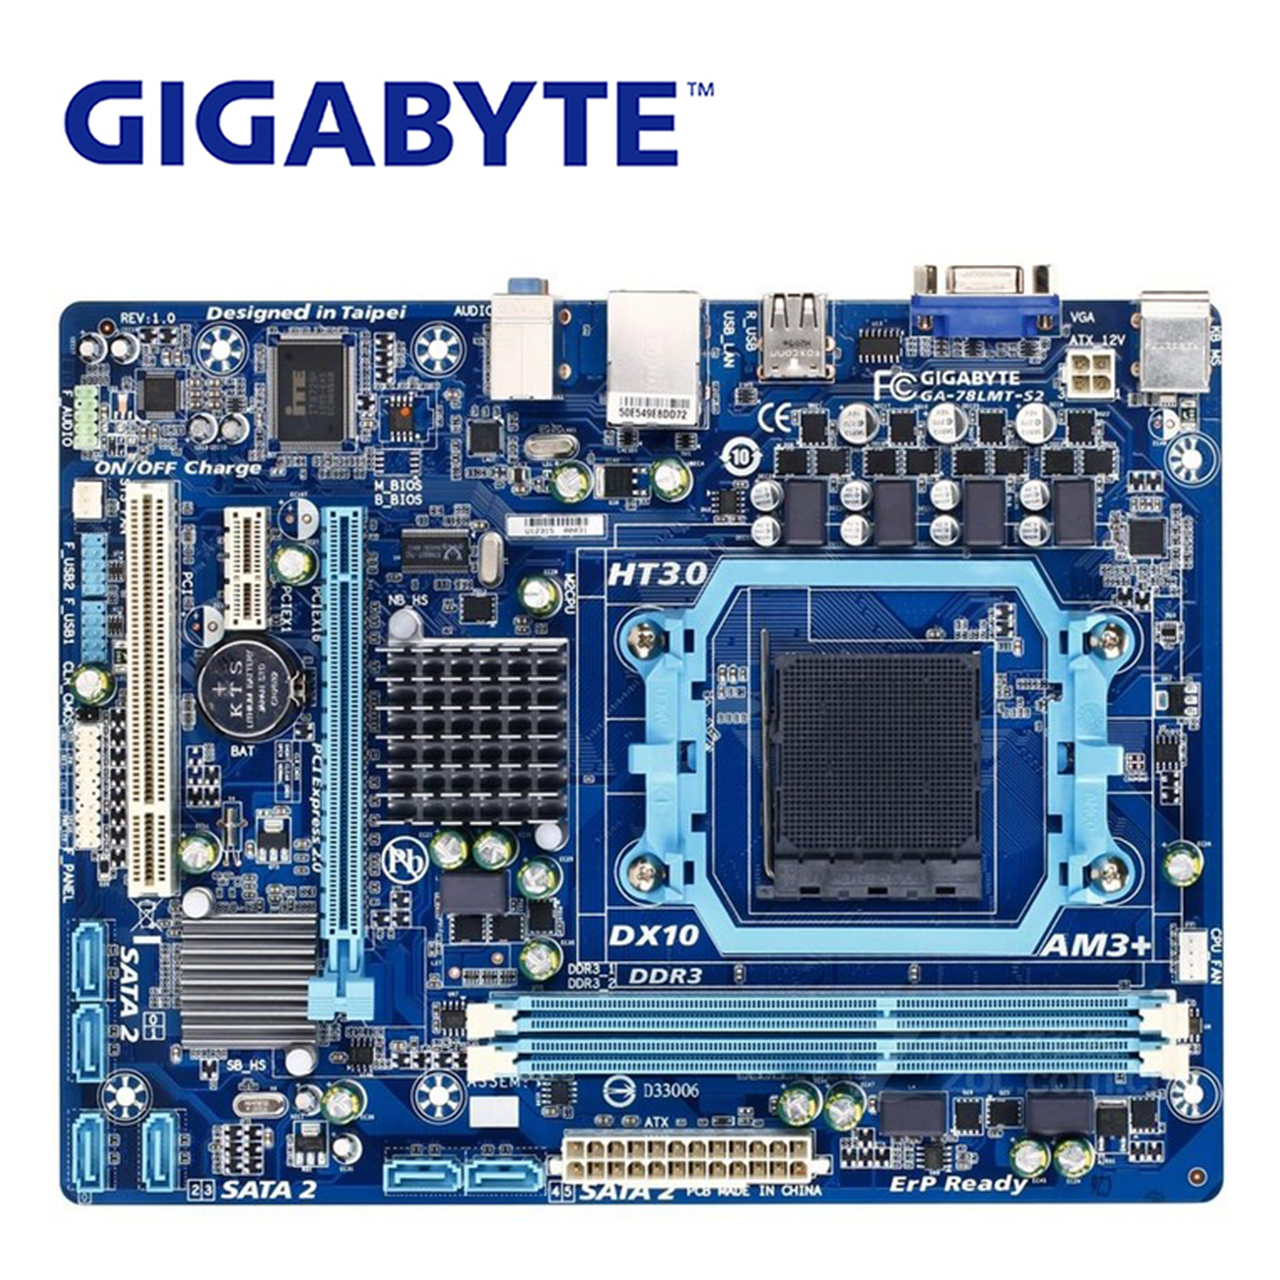 Buchse AM3 +/AM3 Für AMD DDR3 Gigabyte GA-78LMT-S2 Motherboard 760G DDR3 USB2.0 16G 78LMT S2 Desktop mainboard 78LMT-S2 Verwendet